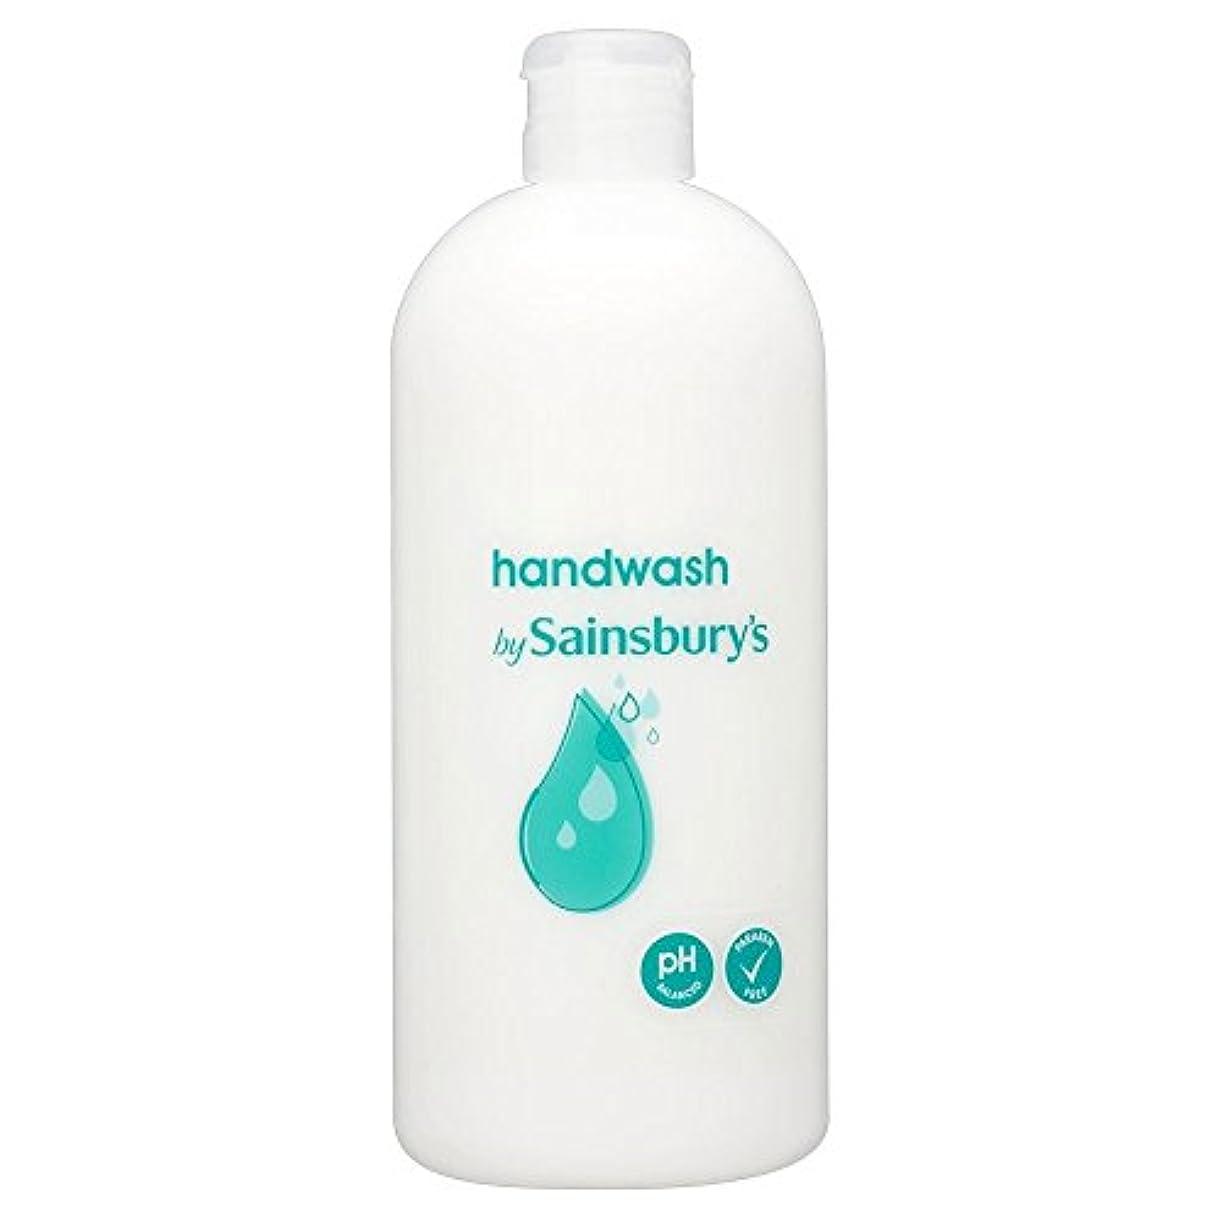 消化器メディカルマエストロSainsbury's Handwash, White Refill 500ml - (Sainsbury's) 手洗い、白リフィル500ミリリットル [並行輸入品]